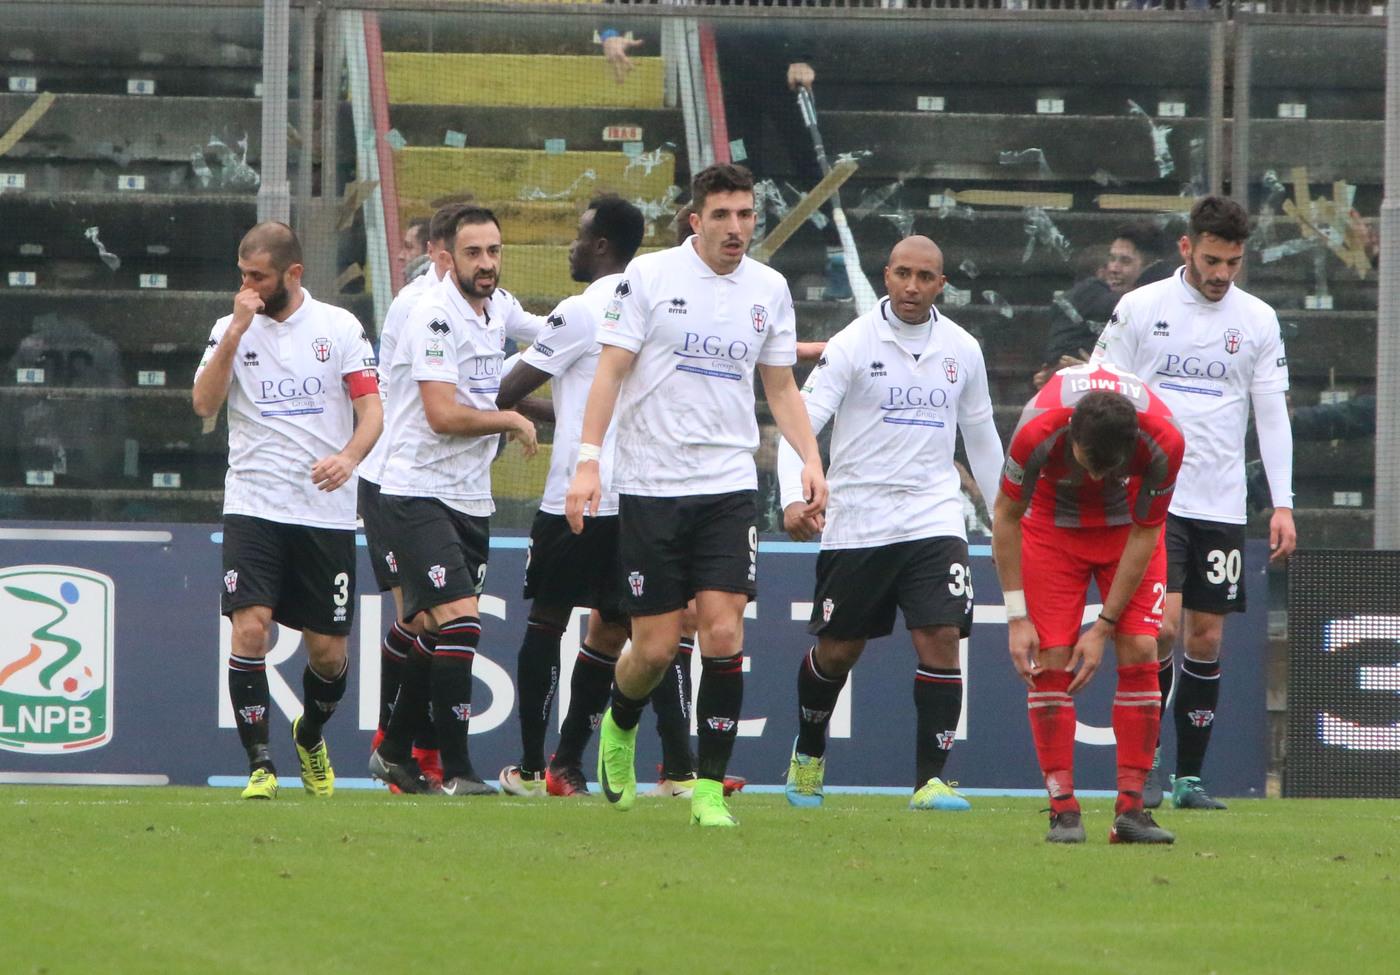 Serie B Spezia-Brescia sabato 1 settembre: analisi e pronostico della seconda giornata della seconda divisione italiana. Sfida aperta.